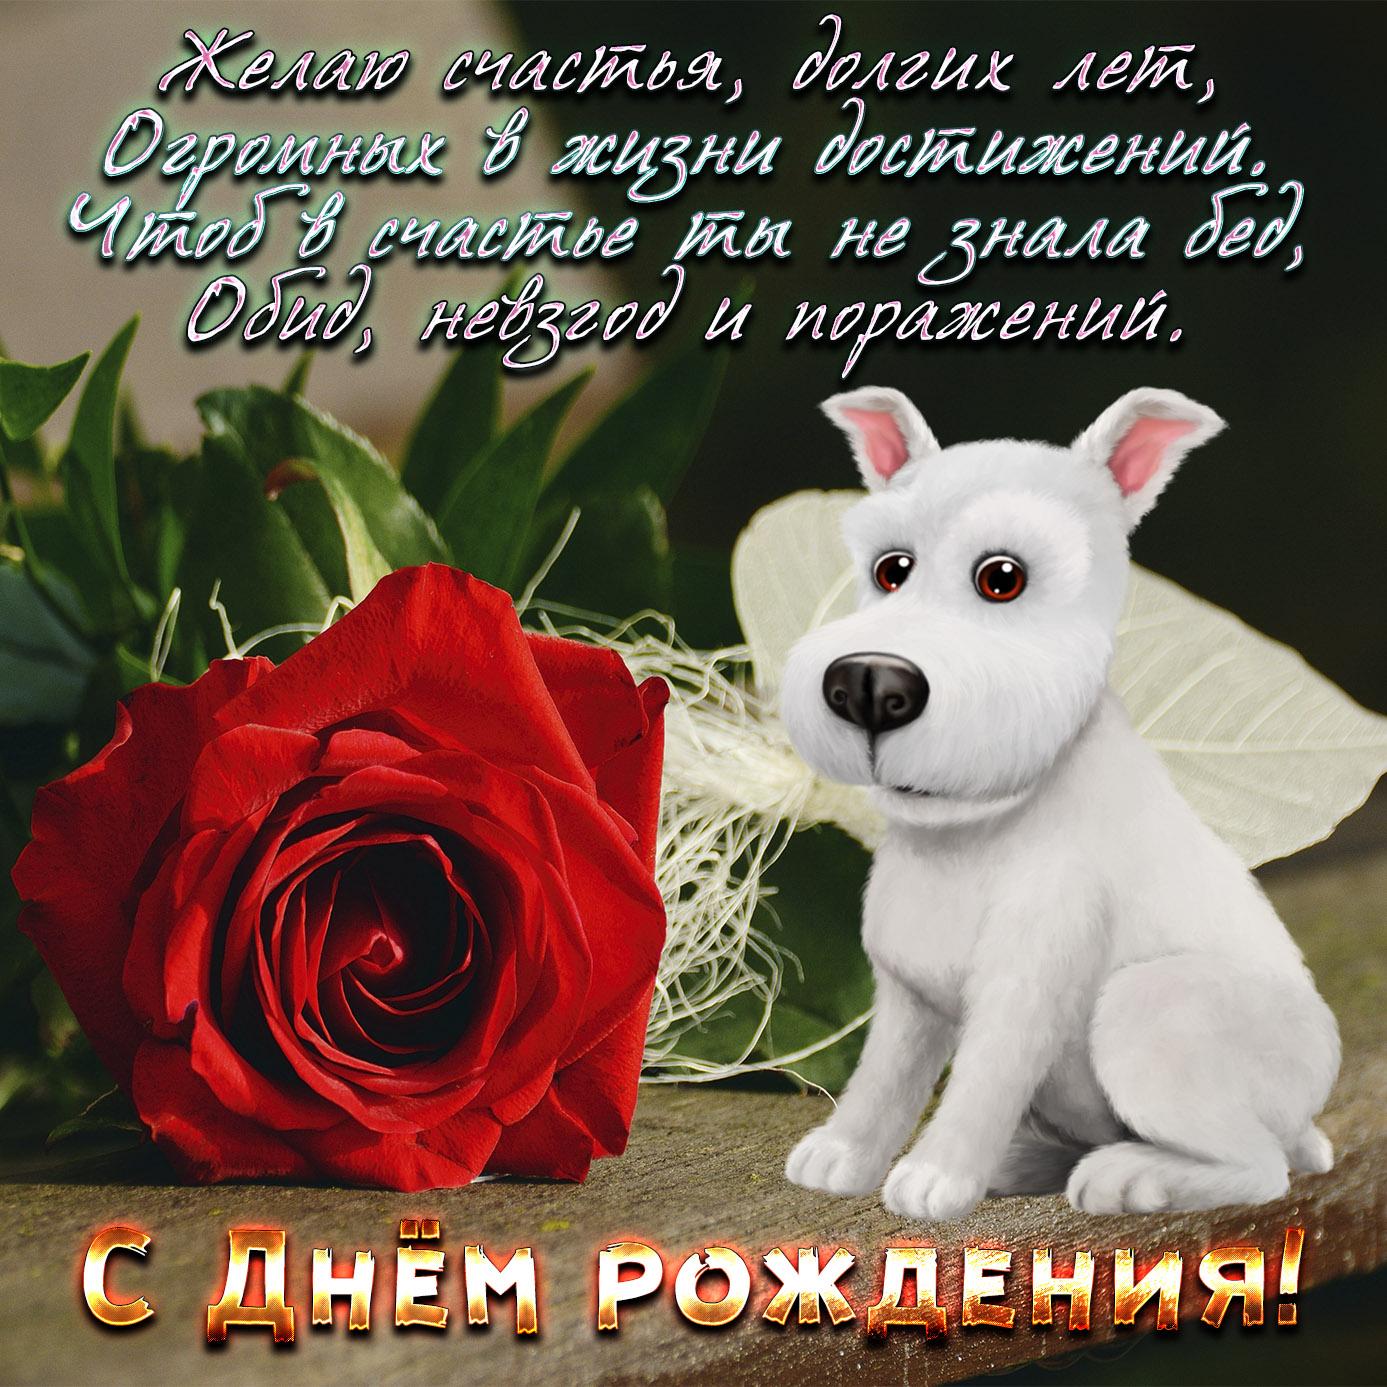 Картинка на День рождения с собачкой и розой